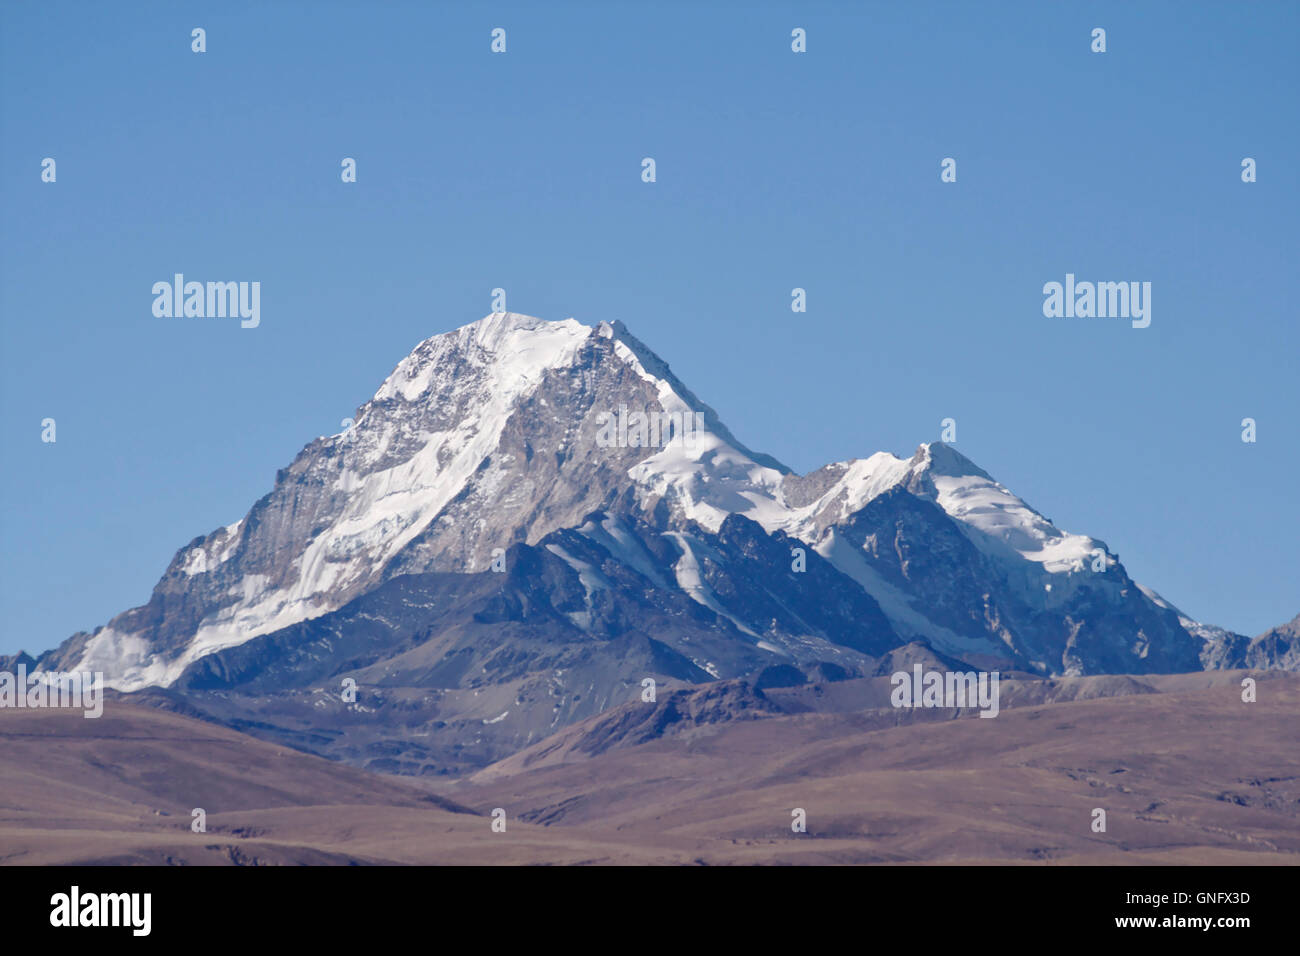 Huayna Potosi in the Cordillera Real near La Paz, Bolivia - Stock Image